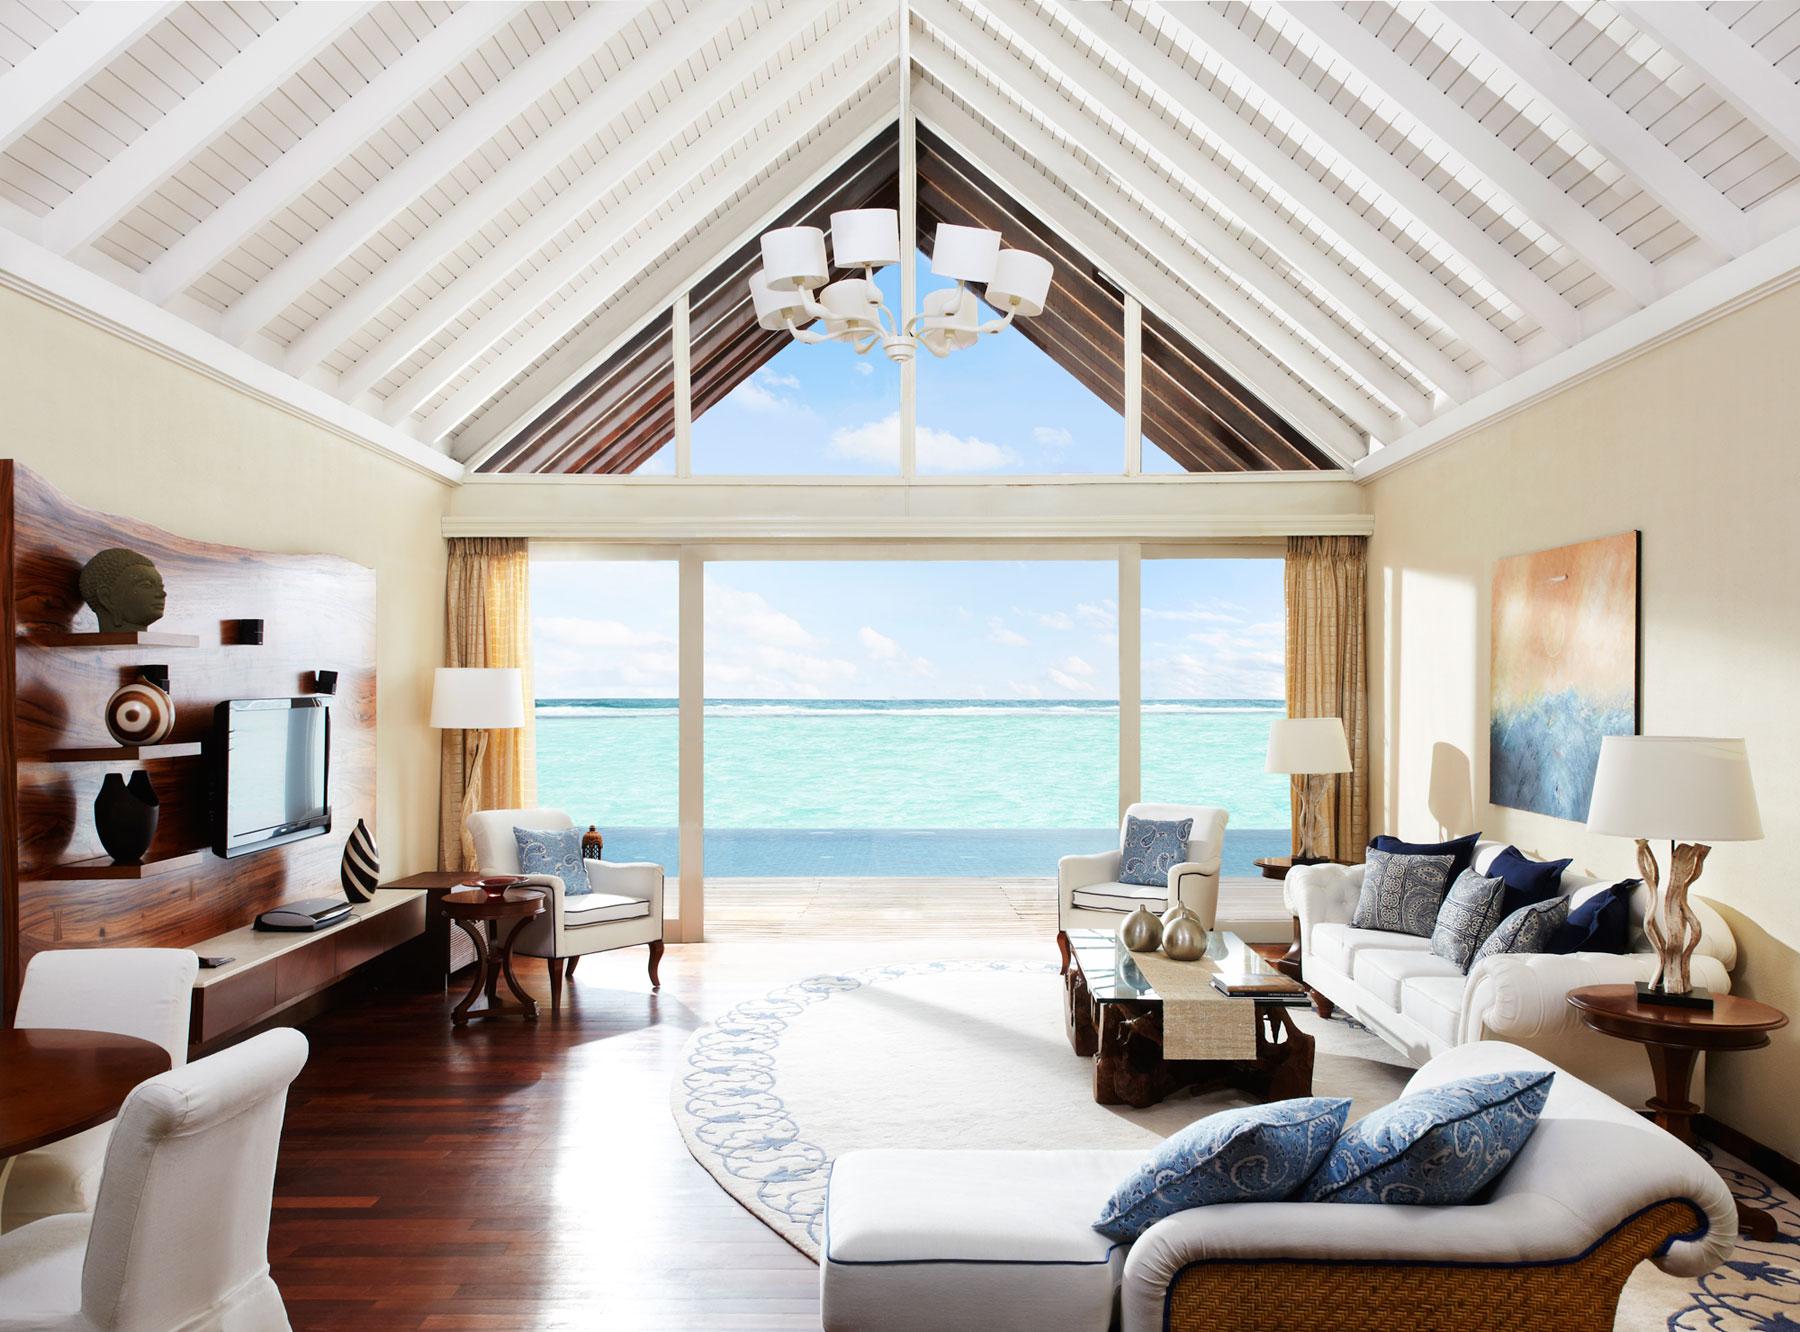 5 Star Taj Exotica Resort And Spa Maldives Architecture